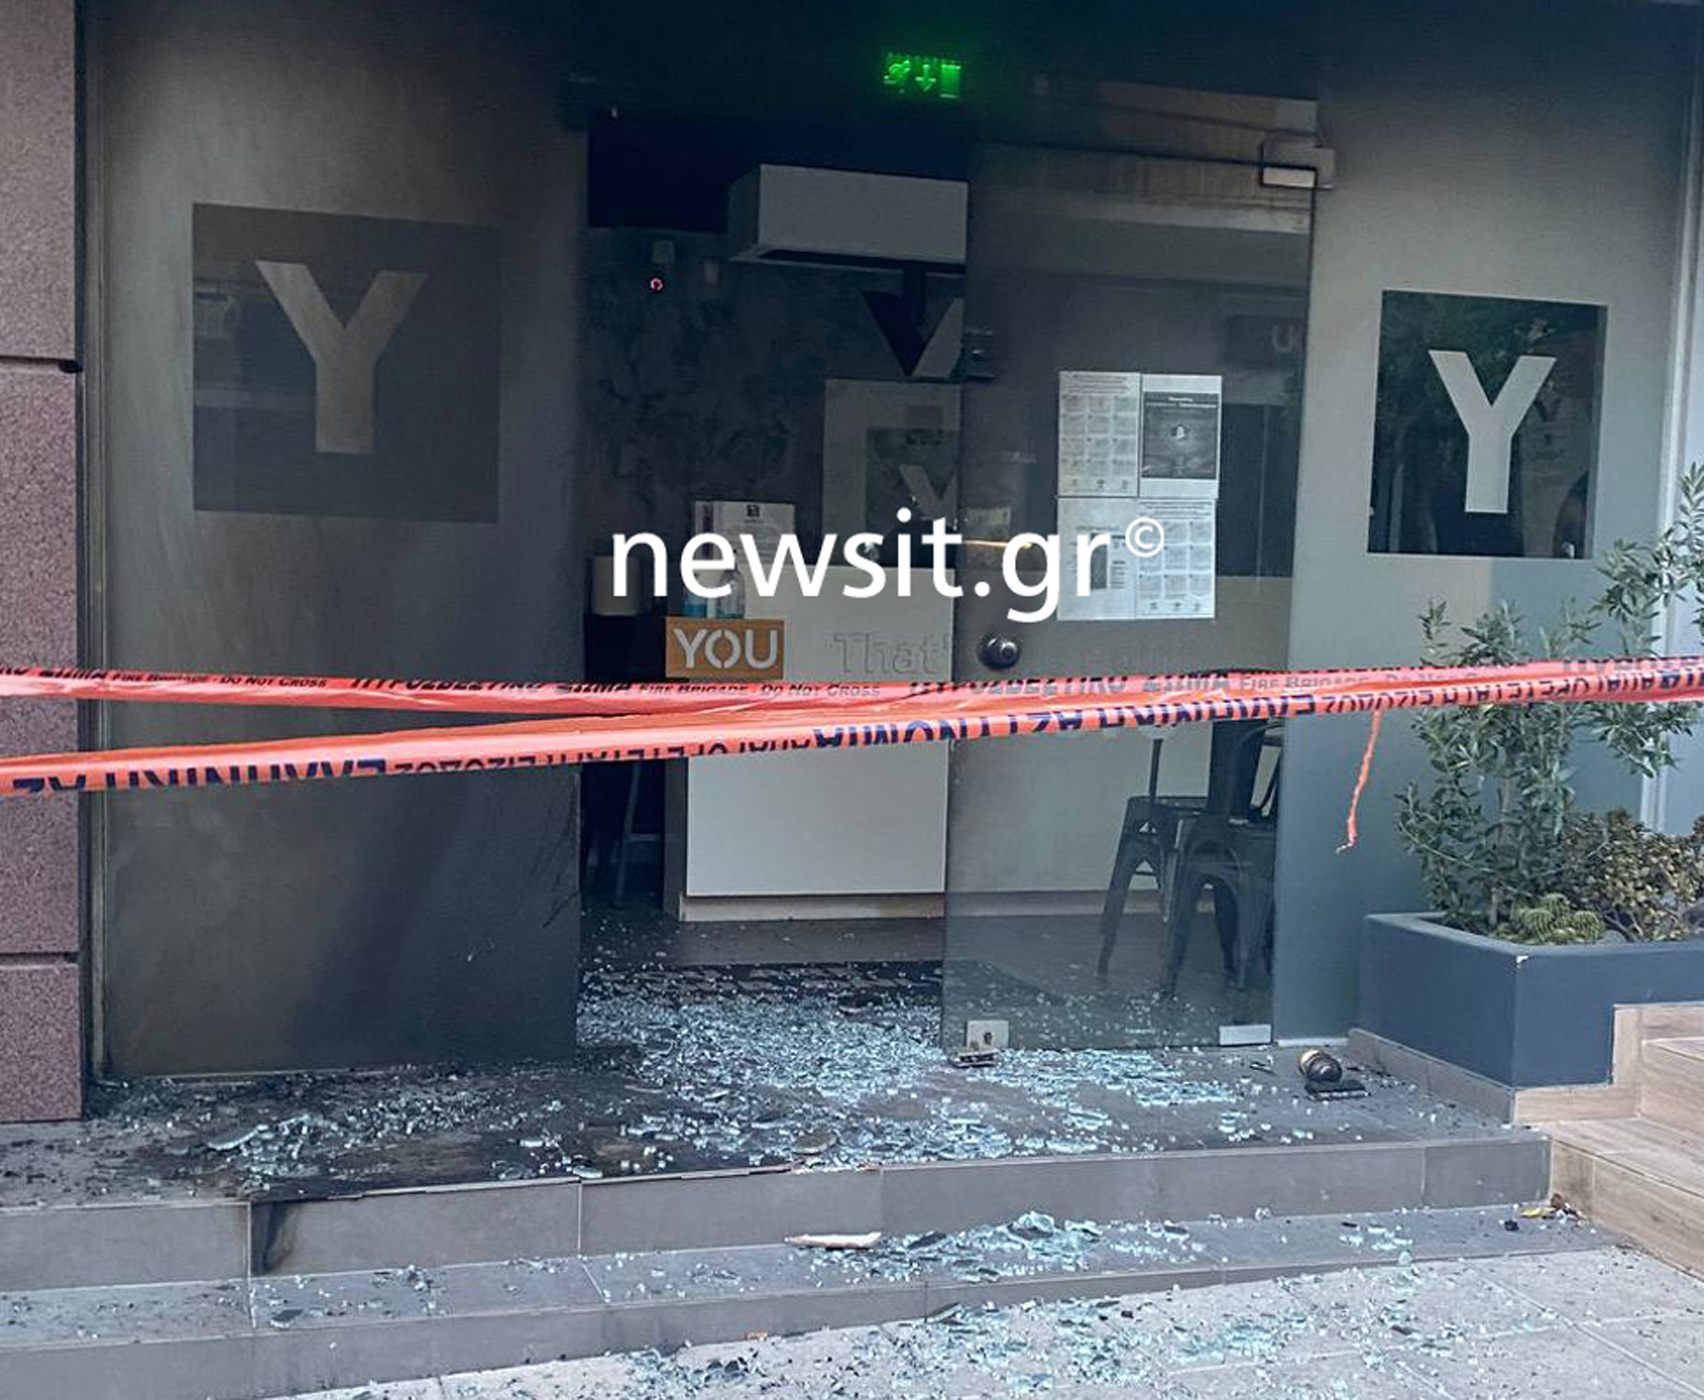 Νίκος Χαρδαλιάς: Εμπρηστικές επιθέσεις στα μαγαζιά της γυναίκας του στο Βύρωνα